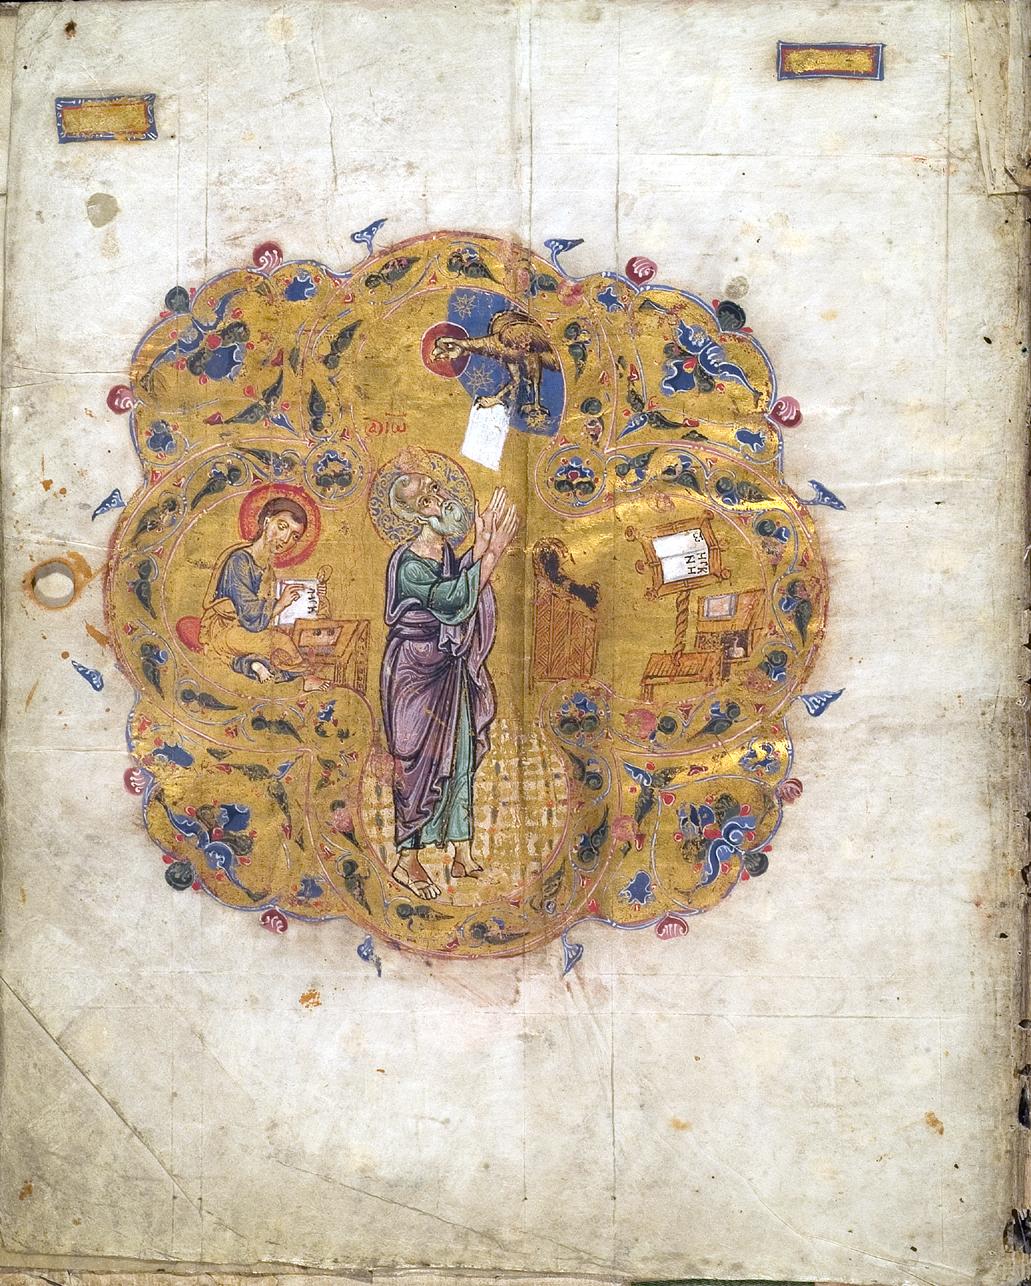 Мстиславово Евангелие, 1103–1113 гг. (ГИМ, Син. 1203). Л. 1 об. Миниатюра с изображением св. евангелиста Иоанна.